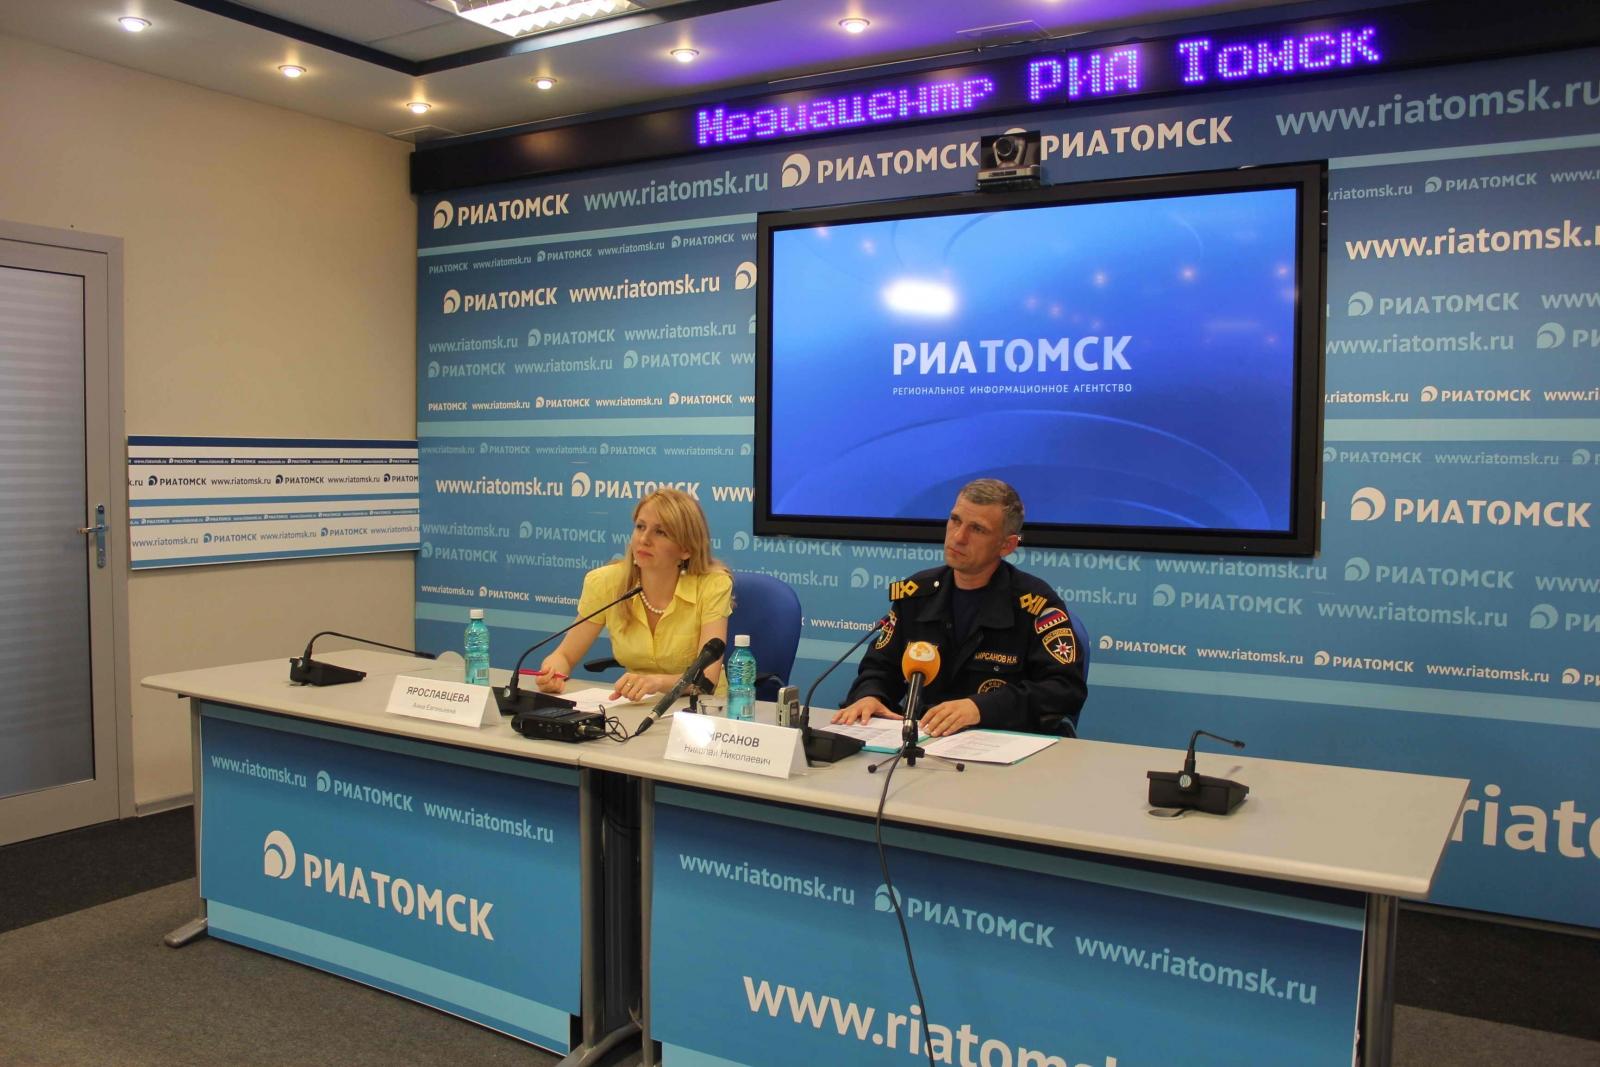 Пресс-конференция в РИА Томск по безопасности на водных объектах, 22 июля 2015 года